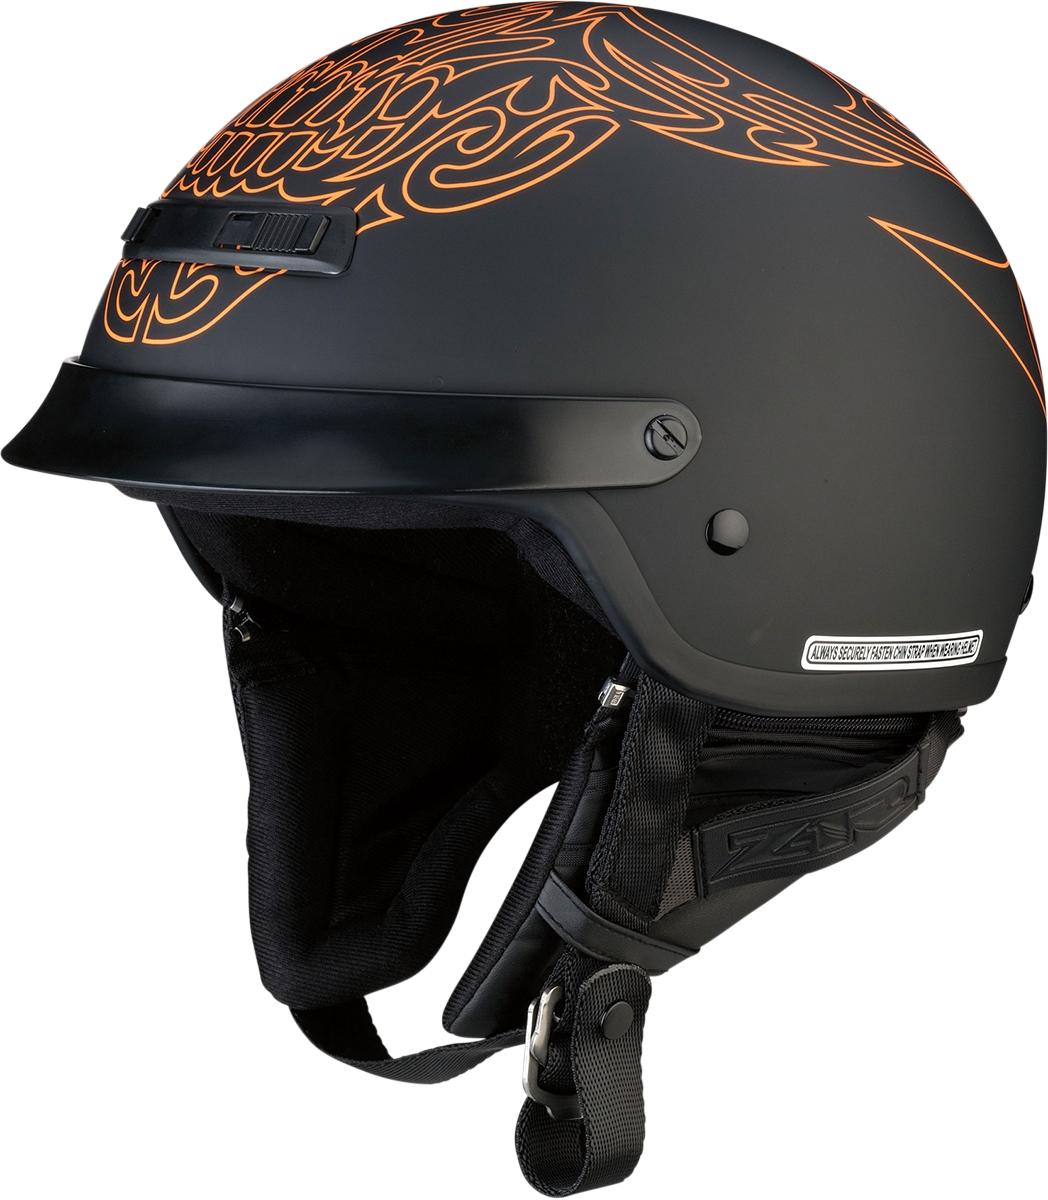 Z1R Nomad Tribal Half Helmet